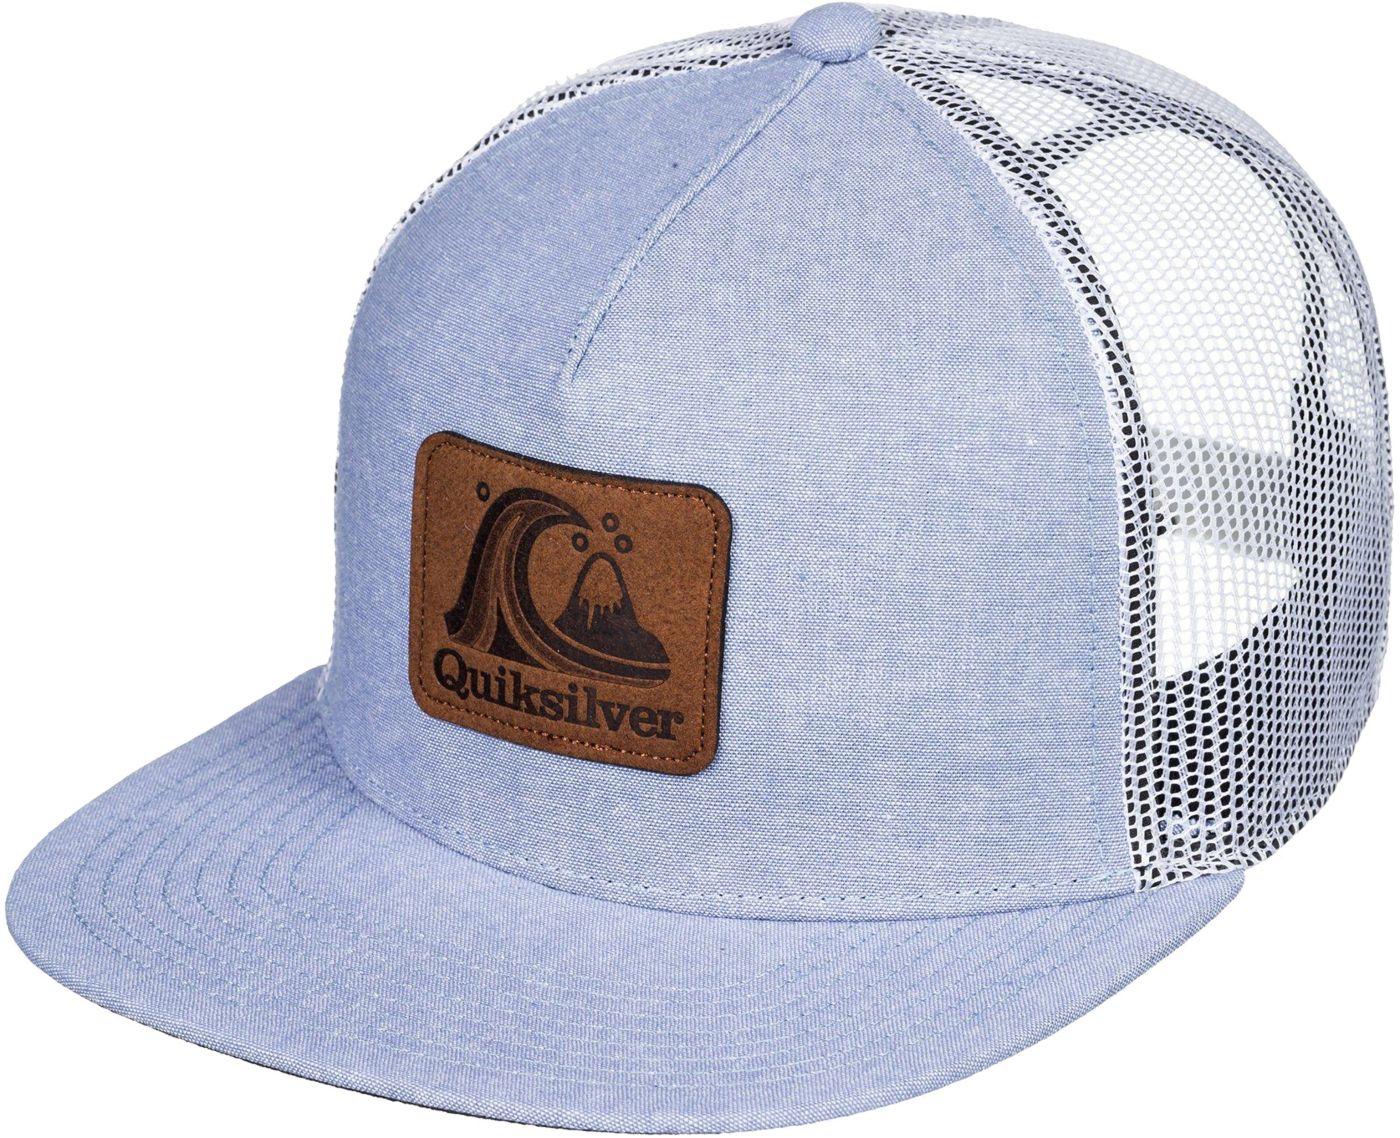 Quicksilver Men's Hinders Trucker Hat